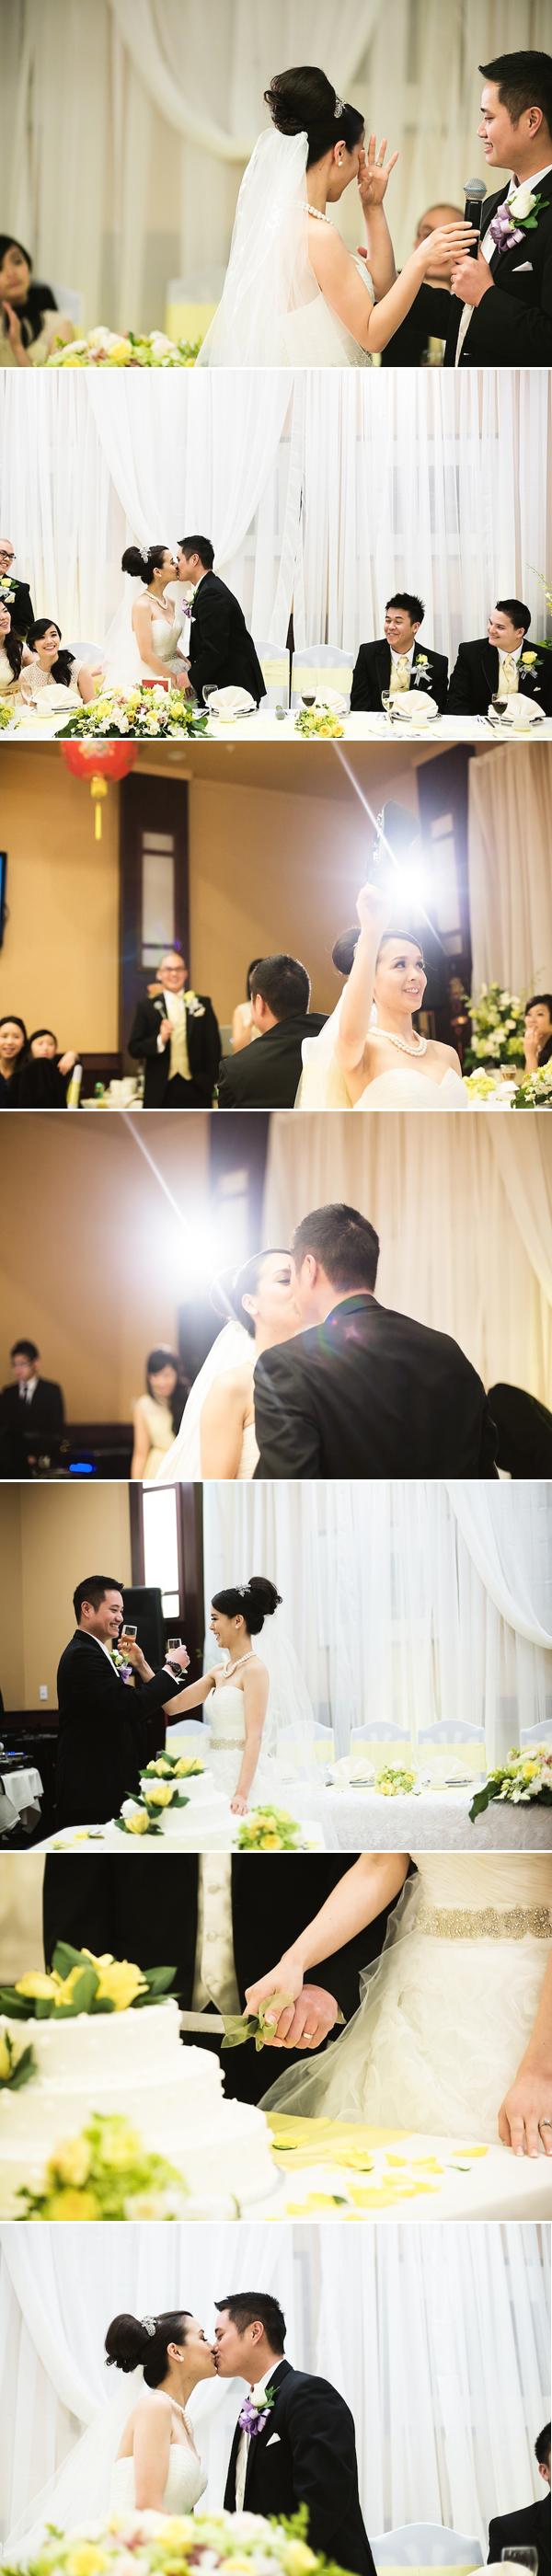 Real Wedding Kim and Jo Kunioo Photography 16